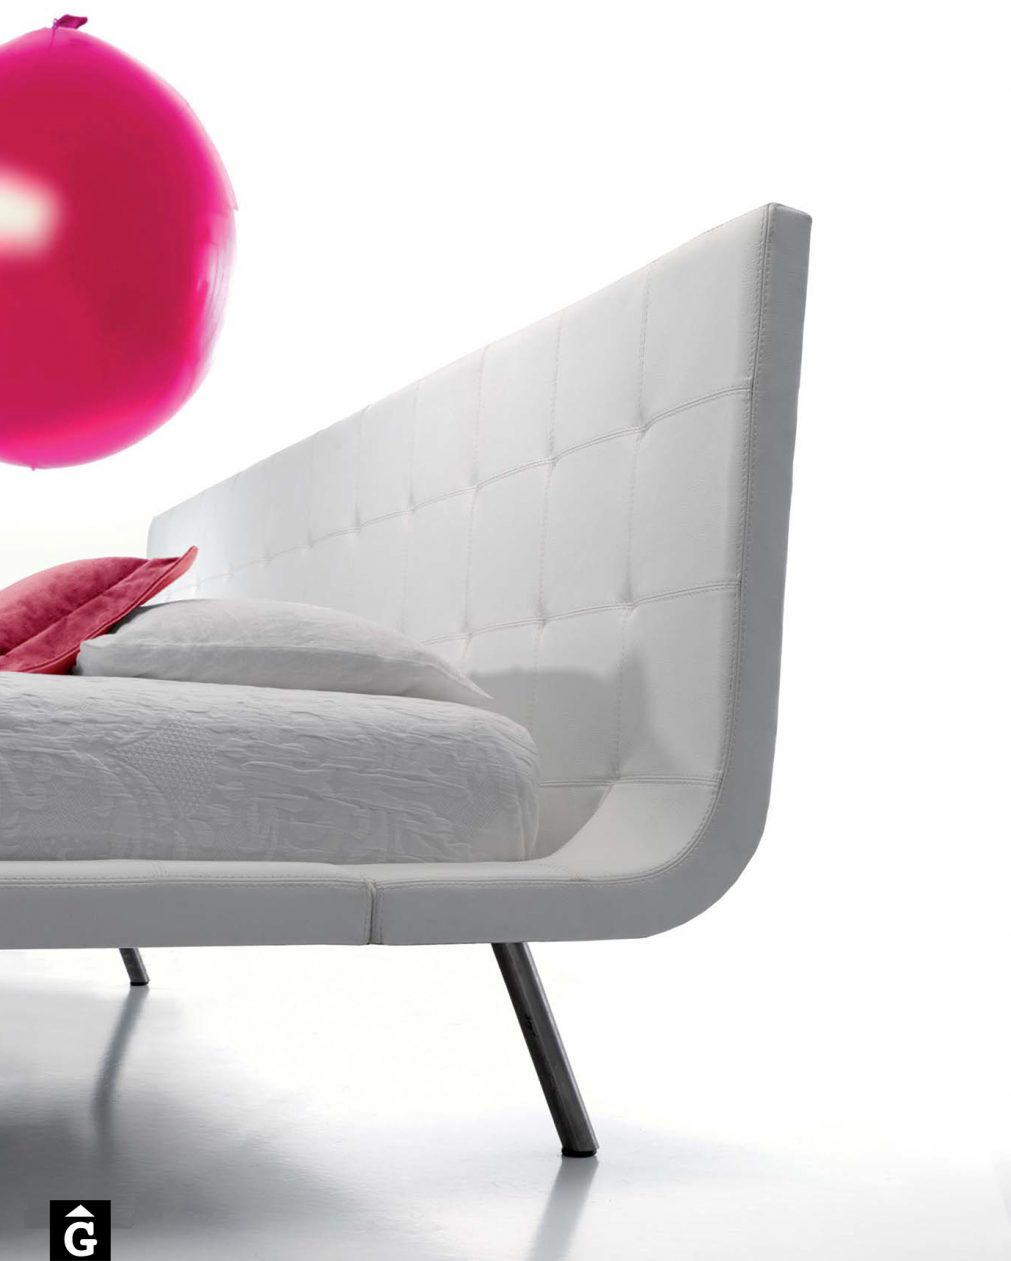 Llit entapissat blanc Ballon MORADILLO BY MOBLES GIFREU BEDS LLIT TAPISSAT CURVA GIRONA